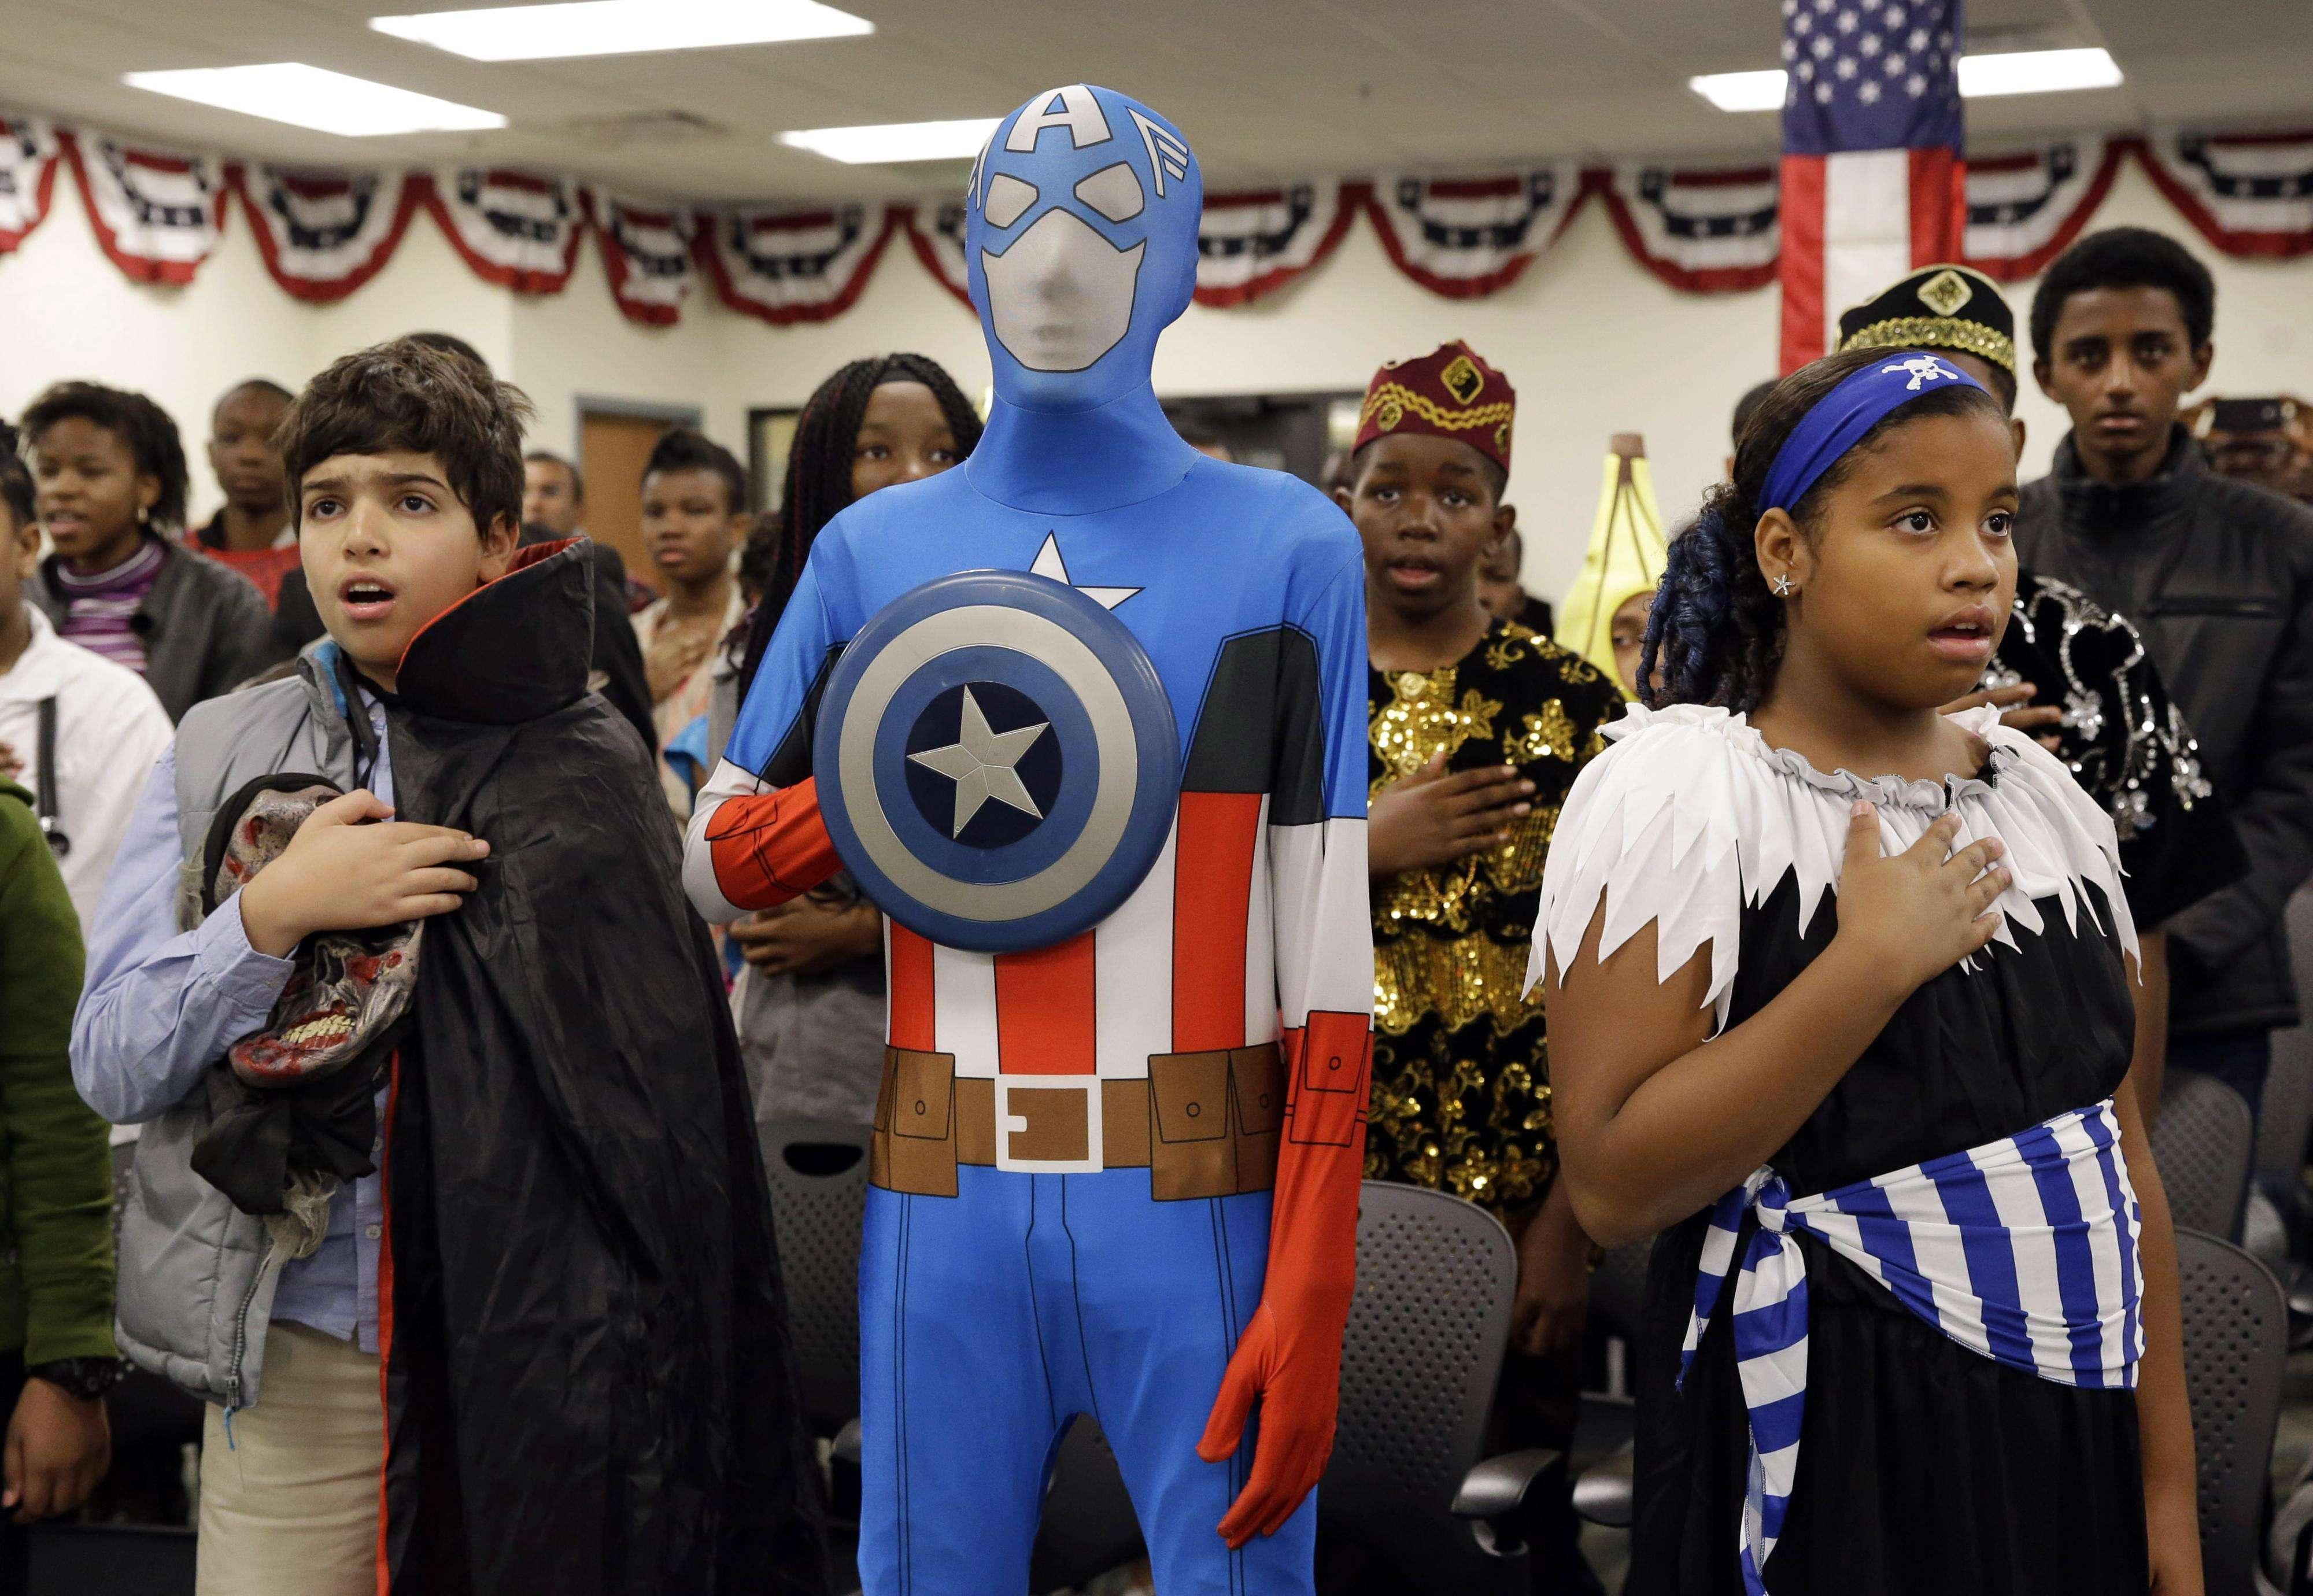 Los niños ataviados de diversos disfraces recibieron el certificado de ciudadanía. Foto: AP en español